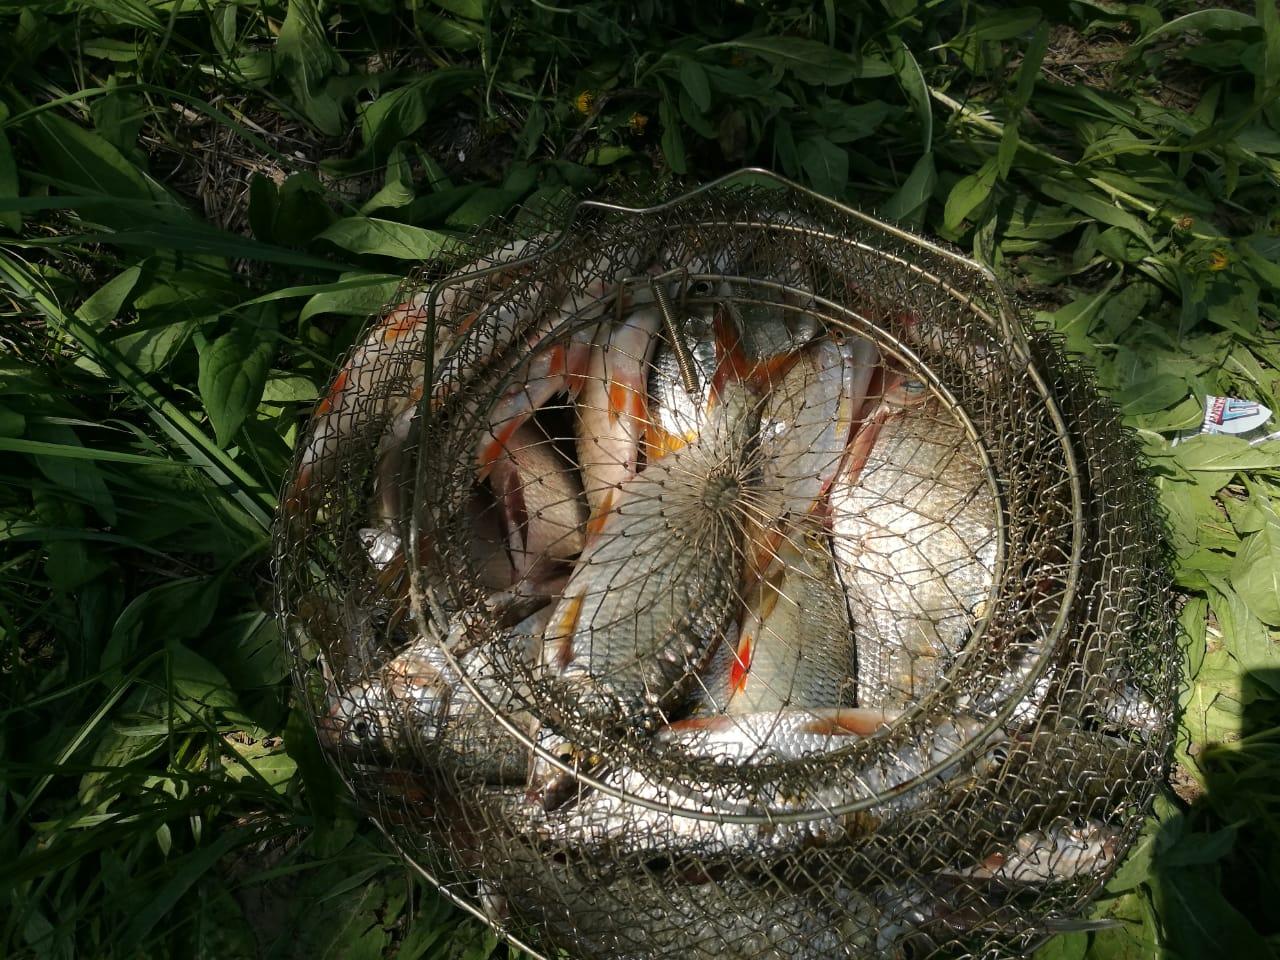 Поймали почти 7 кг. И так каждый день, купалка, лов рыбы, ее приготовление и другие приятные хлопоты привинциальной жизни.